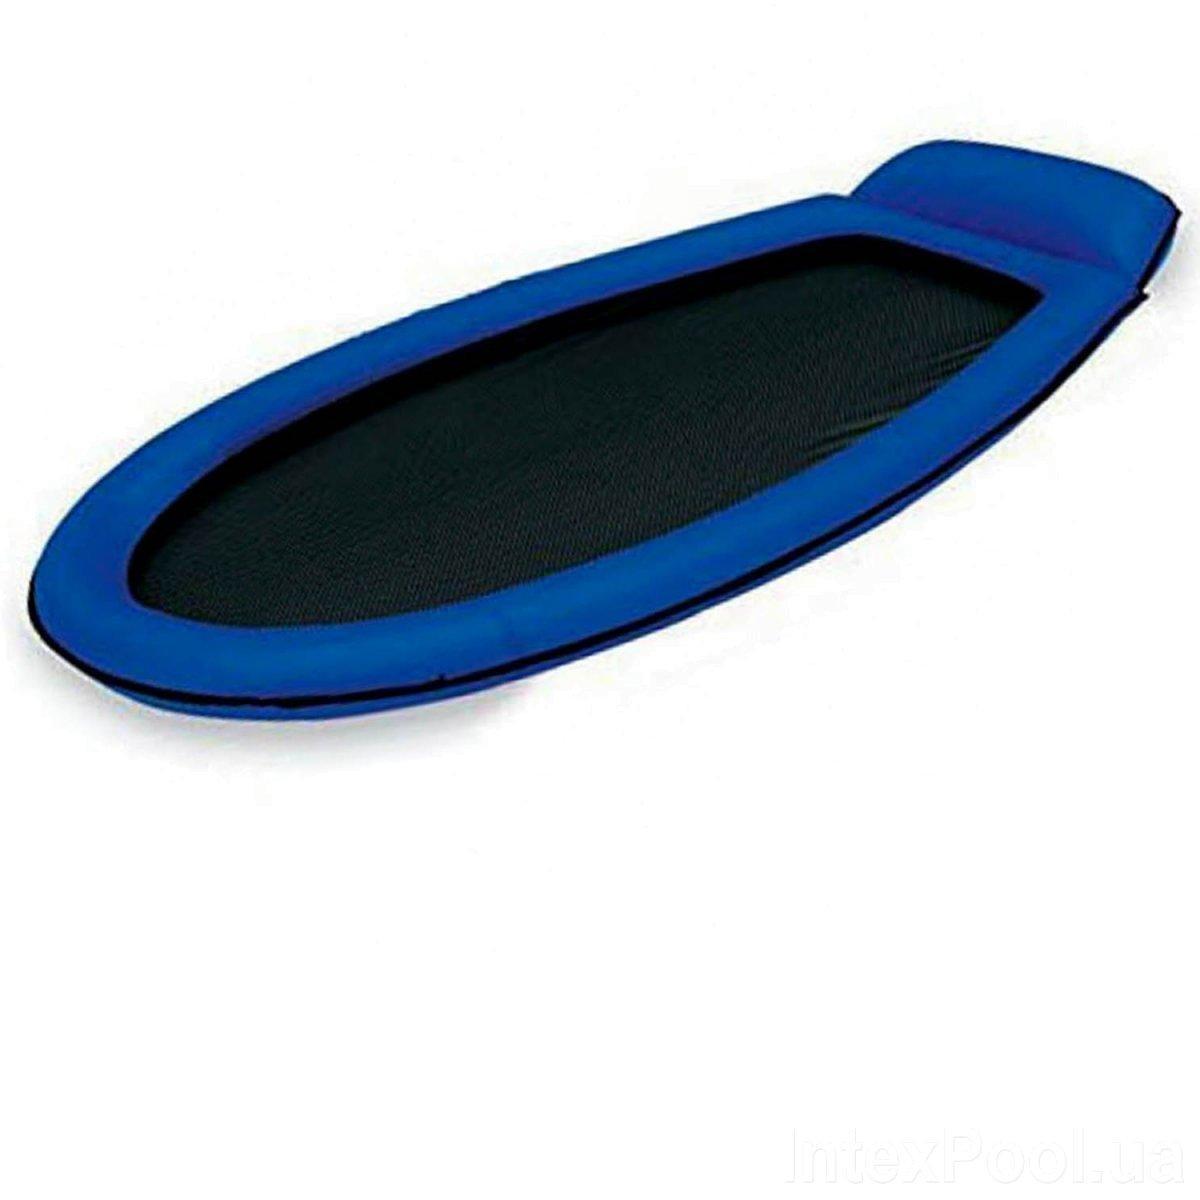 Гамак матрас для плаванья Пляжный надувной гамак Intex 58836, 178 х 94 см, синий